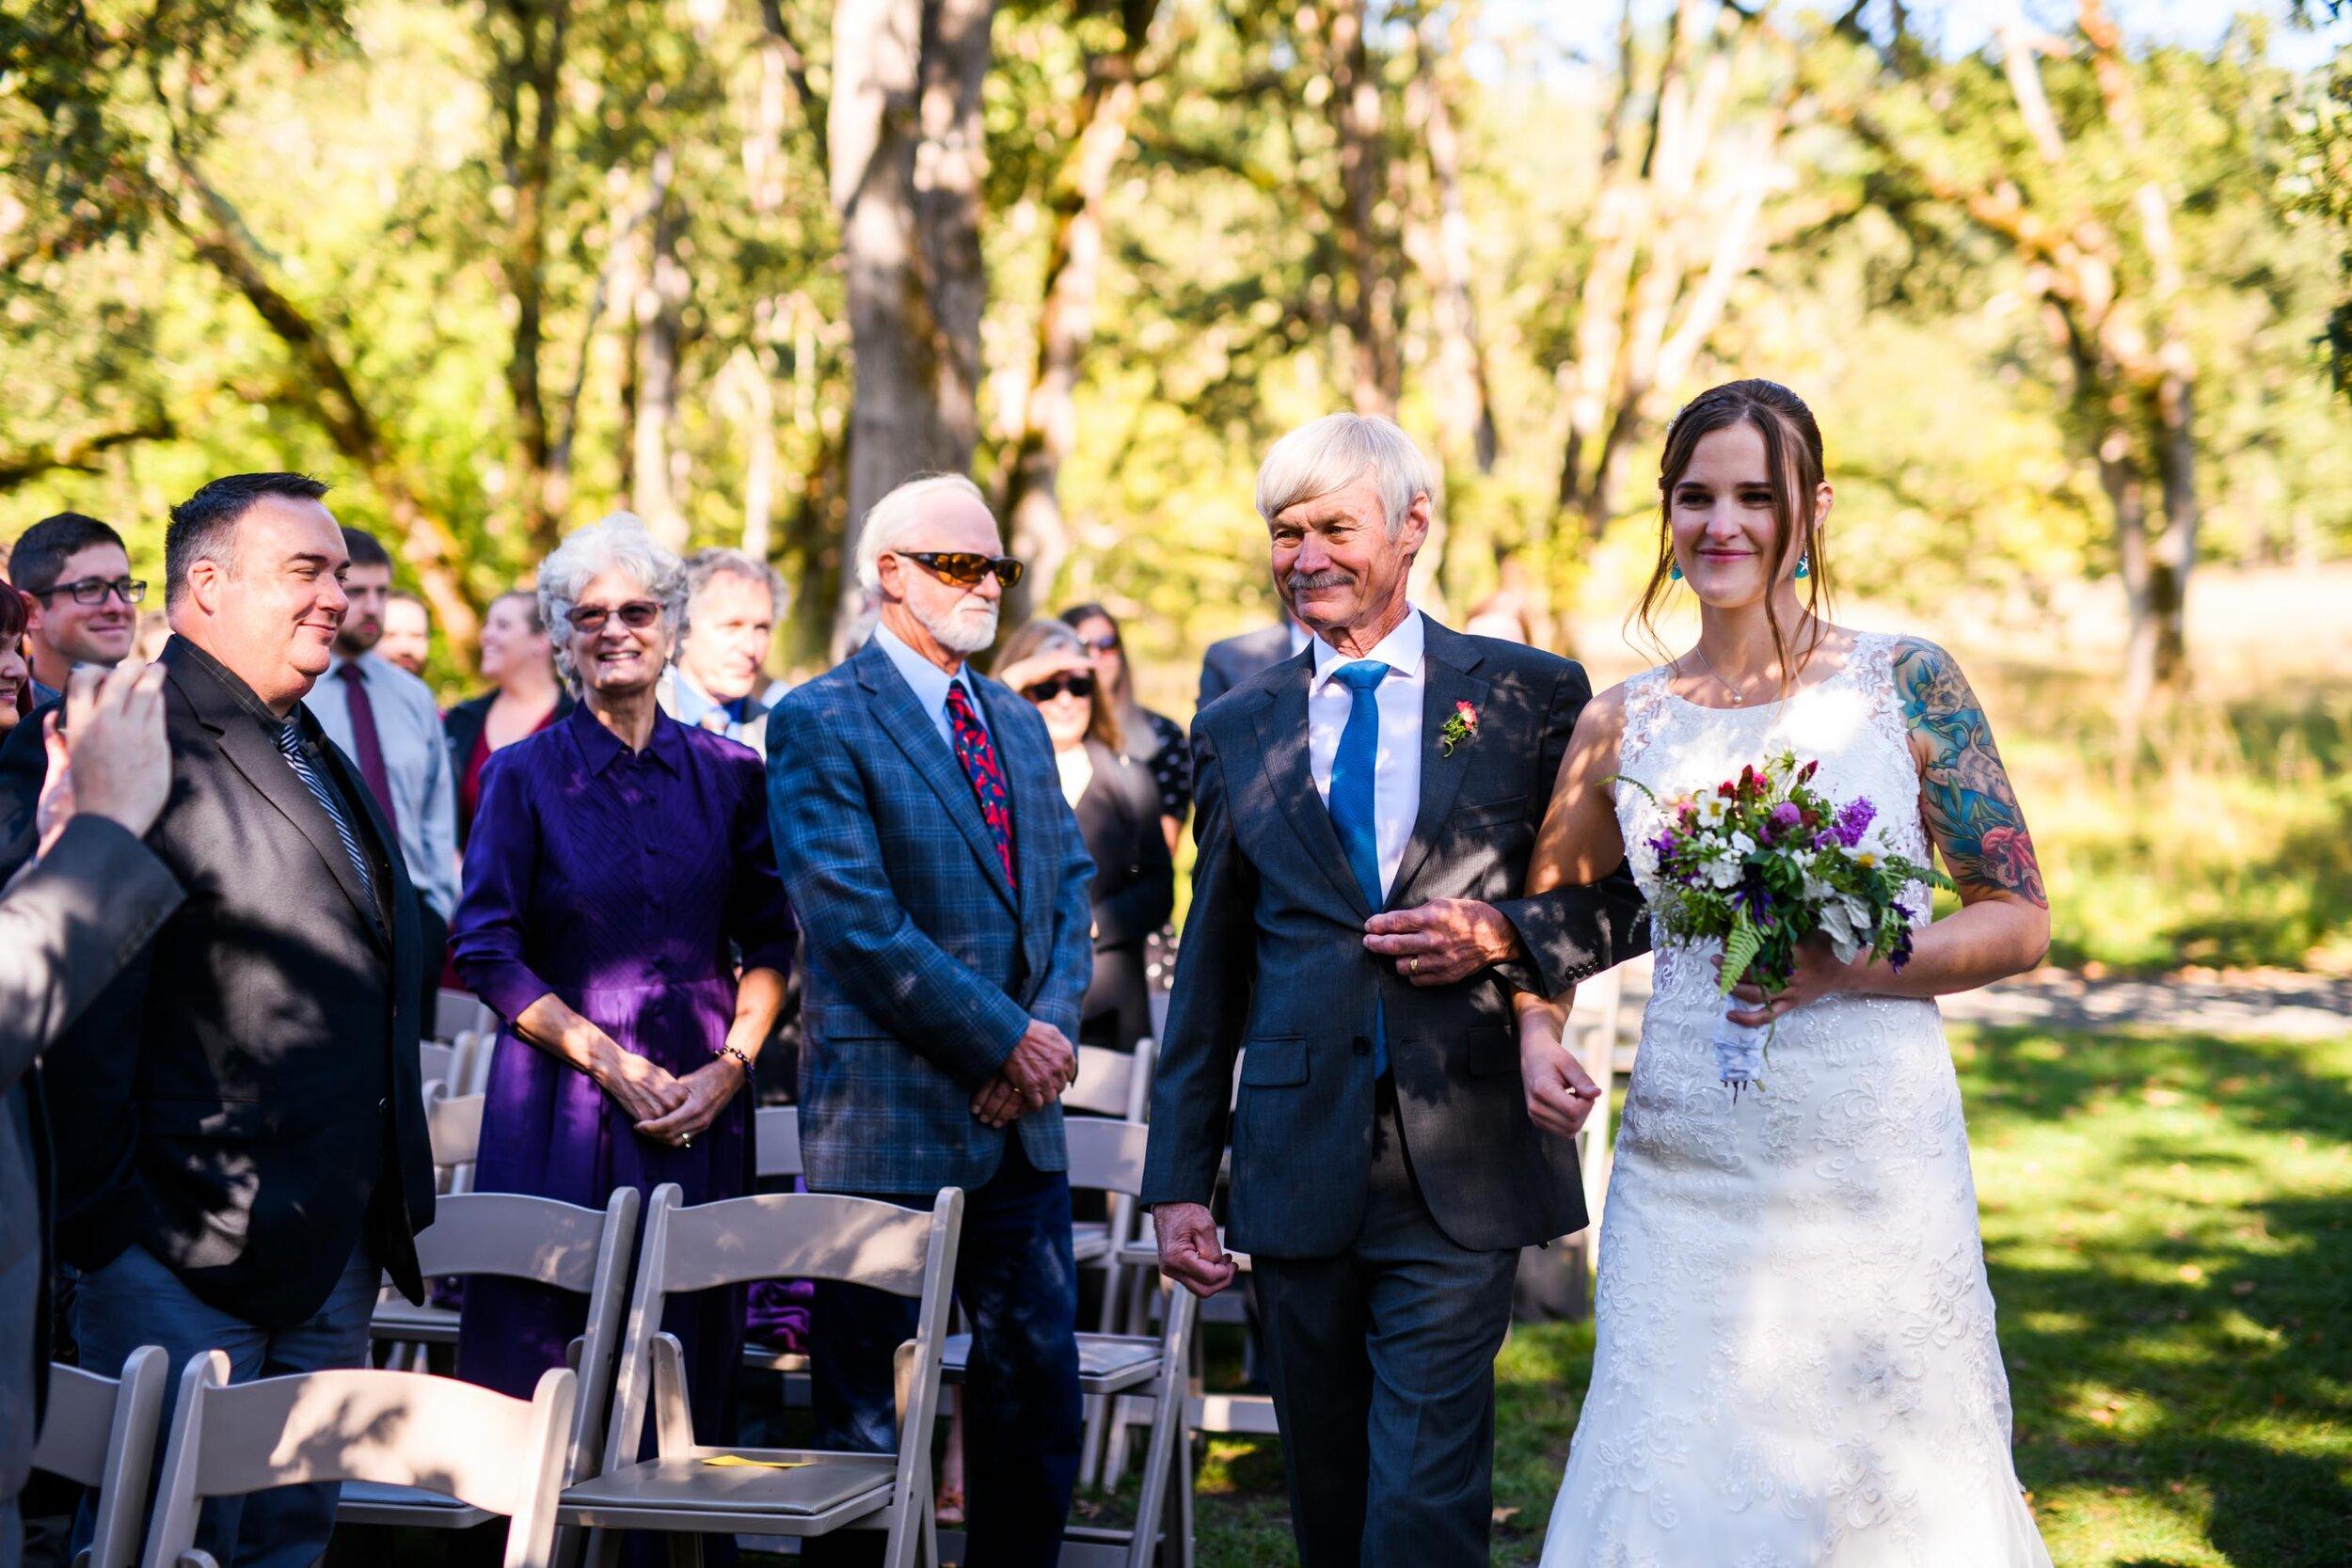 Mt. Pisgah Arboretum wedding photos 71.JPG